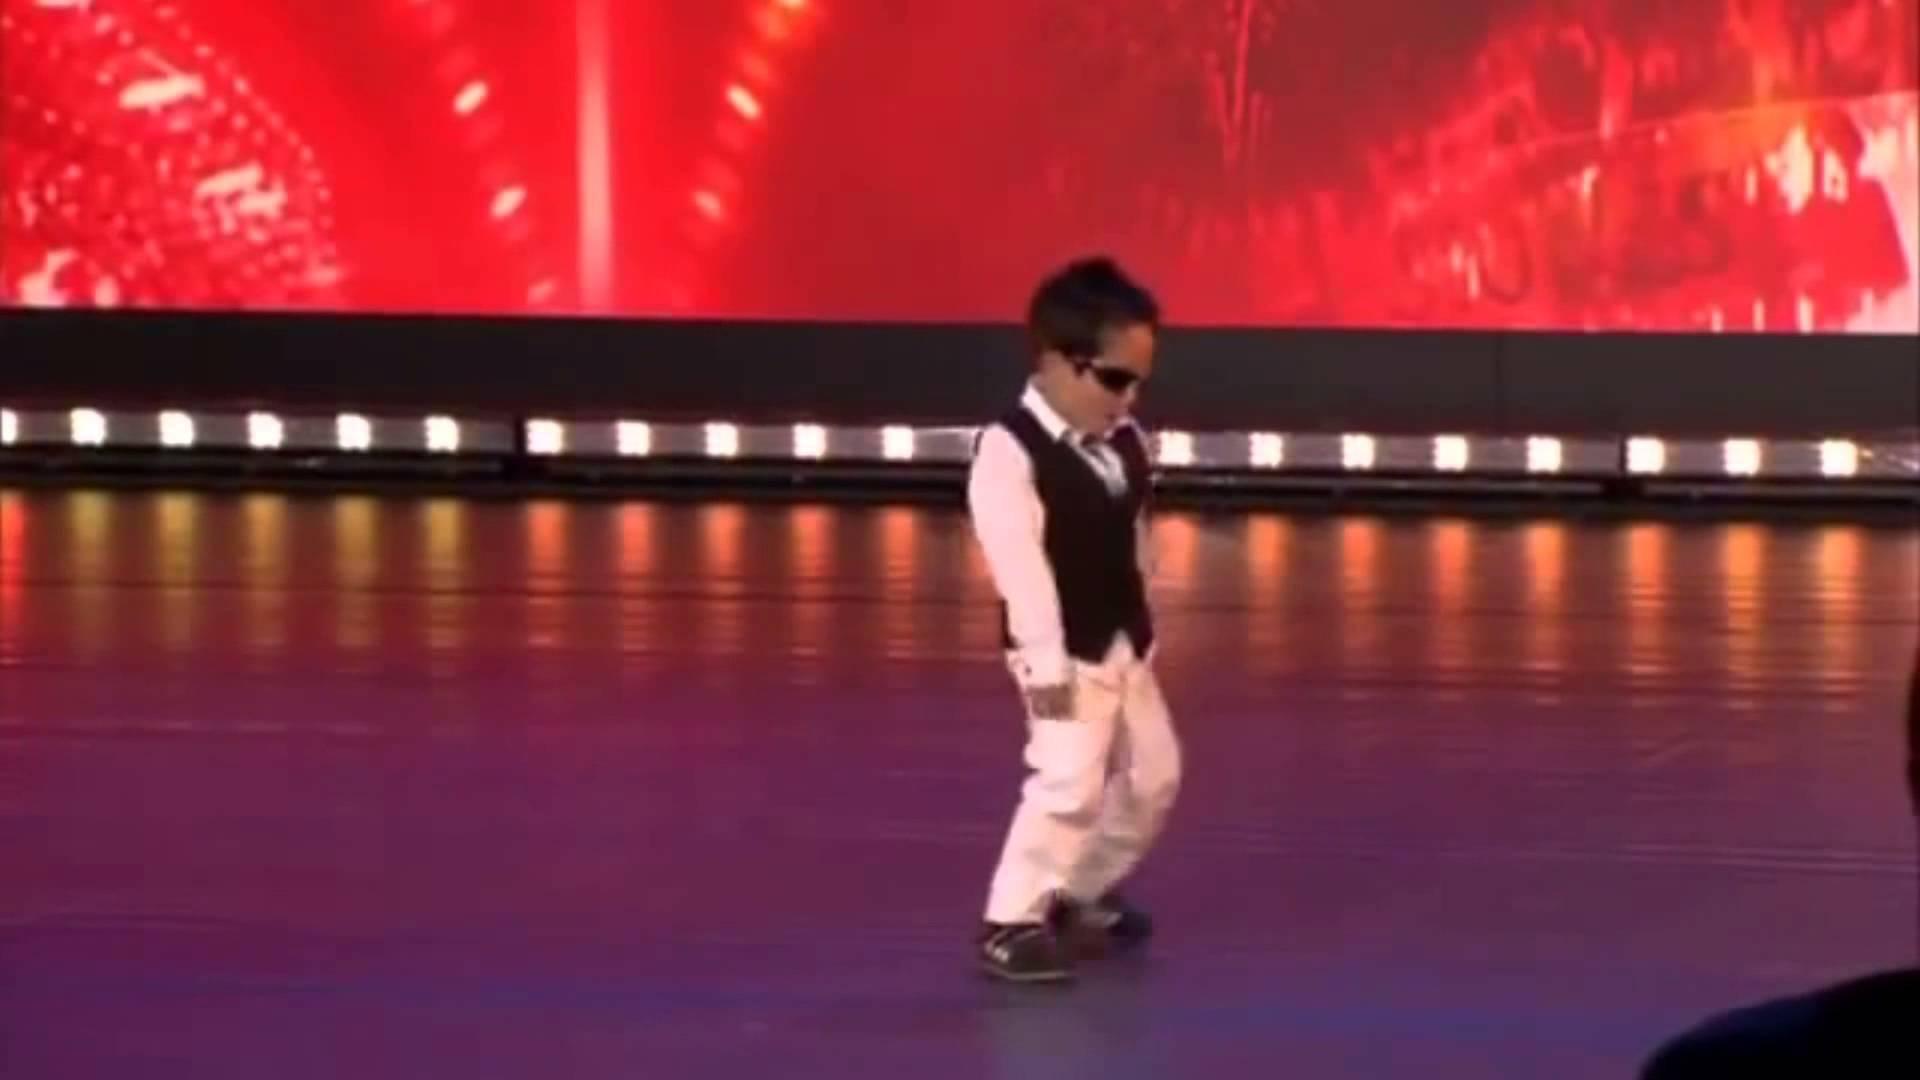 小さな子供のカンナムスタイルが、可愛すぎる動画